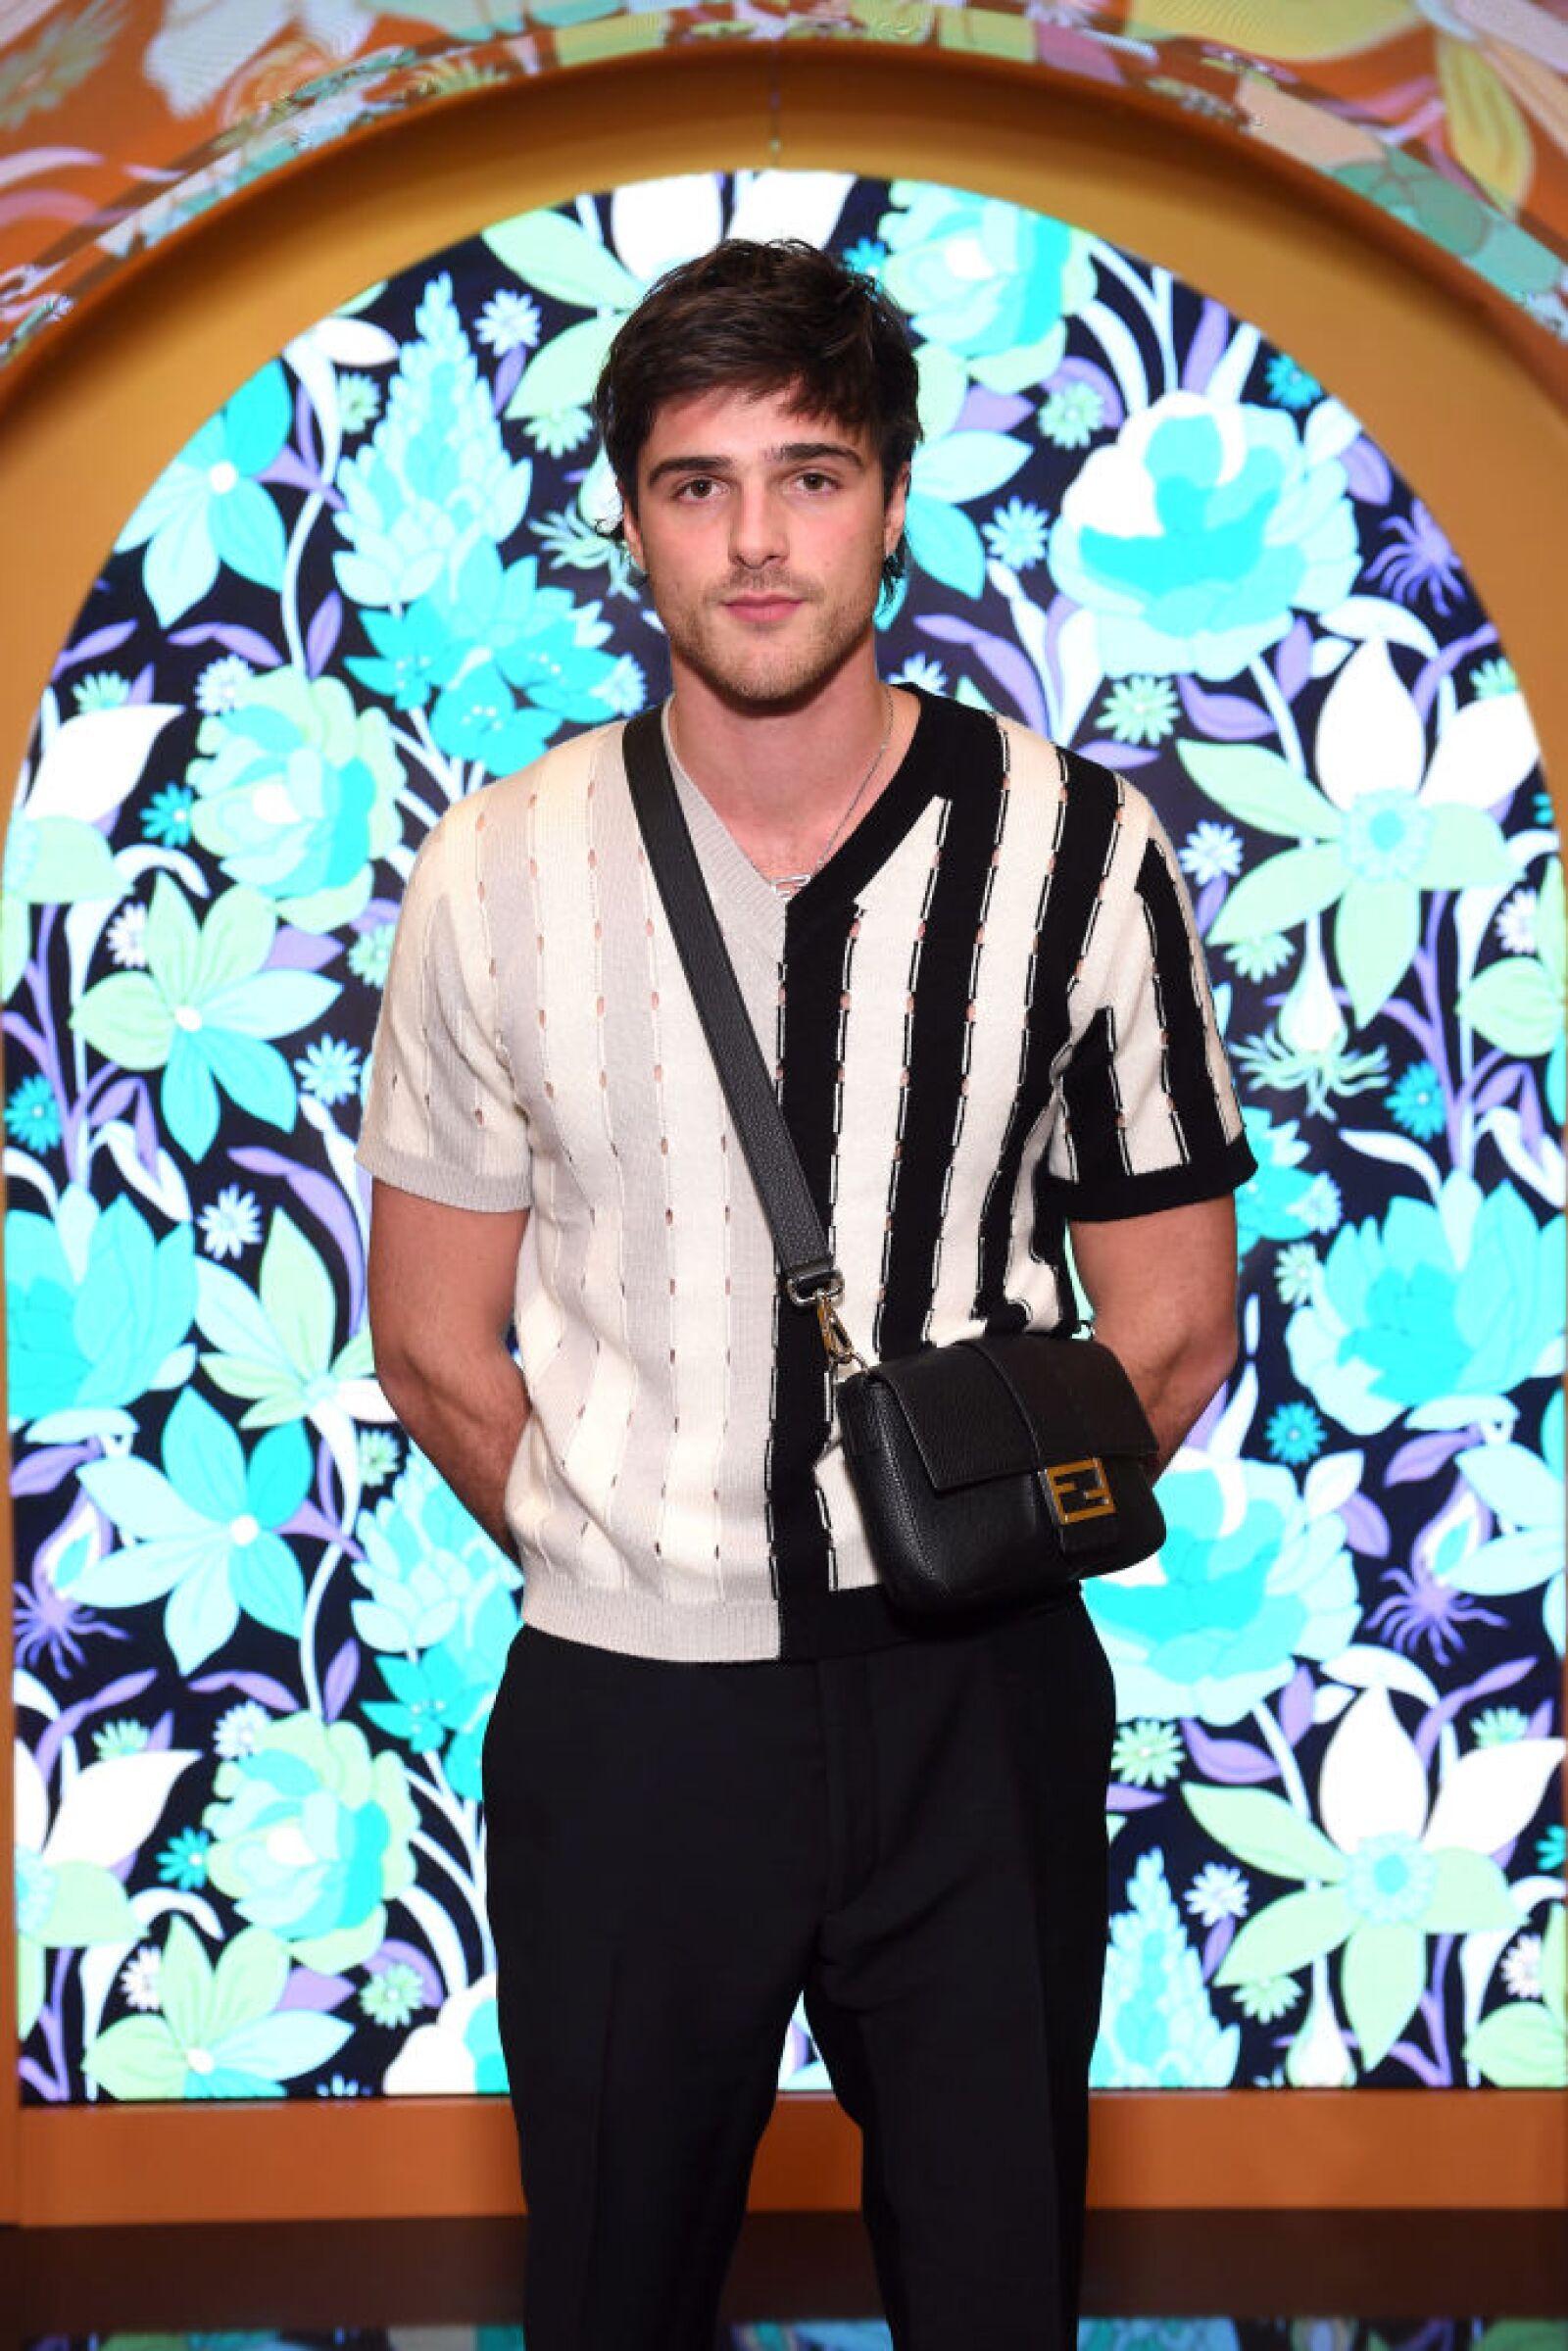 Jacob Elordi de 23 años interpreta a Noah Flynn en The Kissing Booth